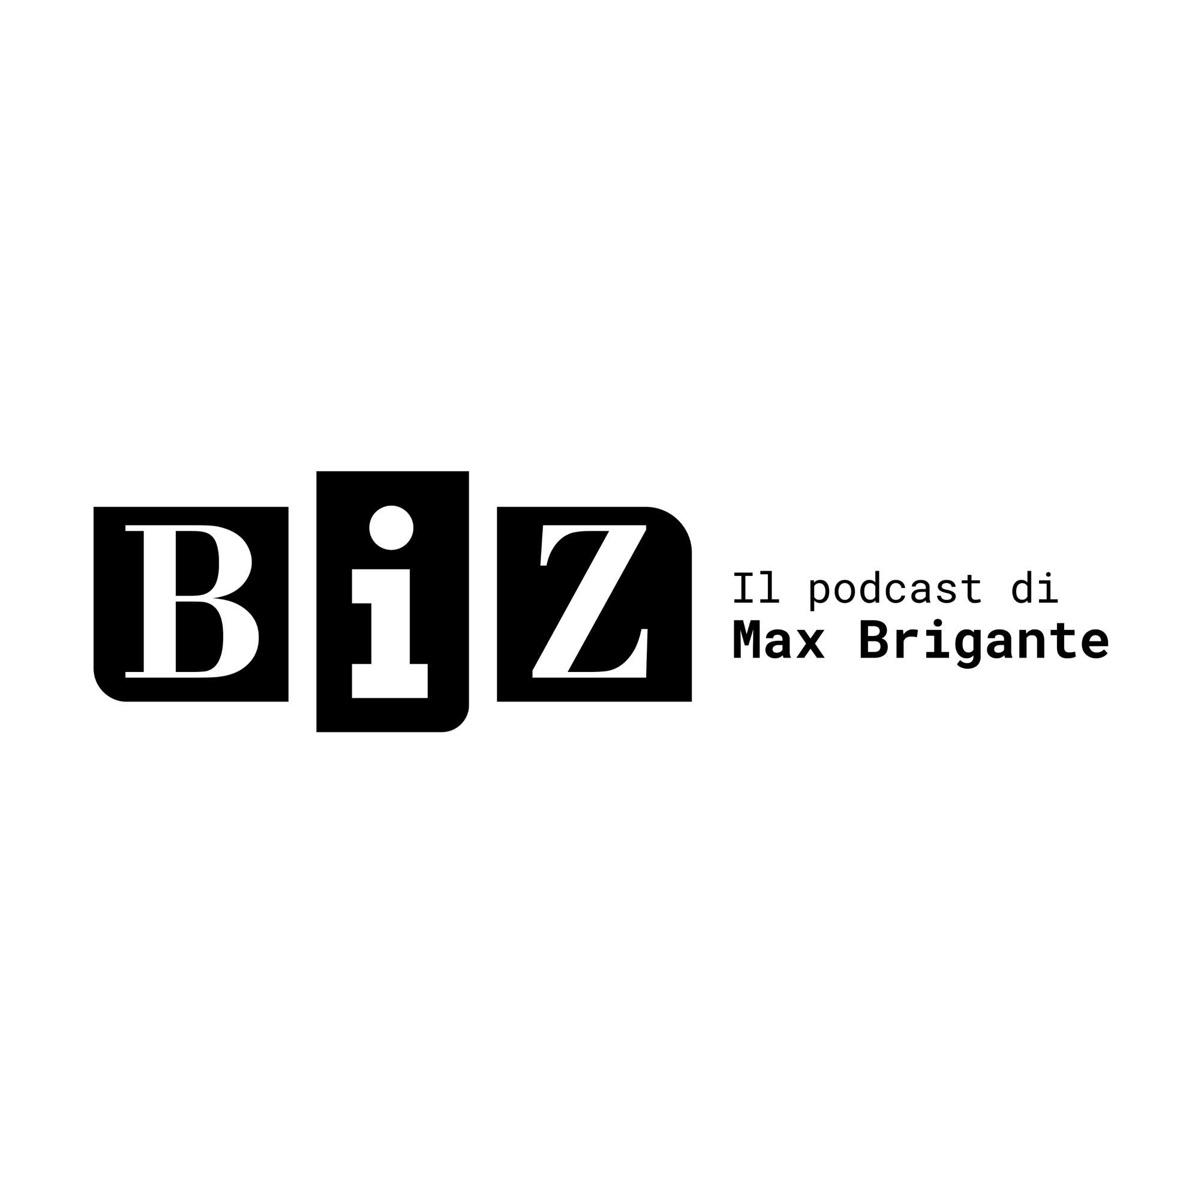 BIZ - Il podcast di Max Brigante